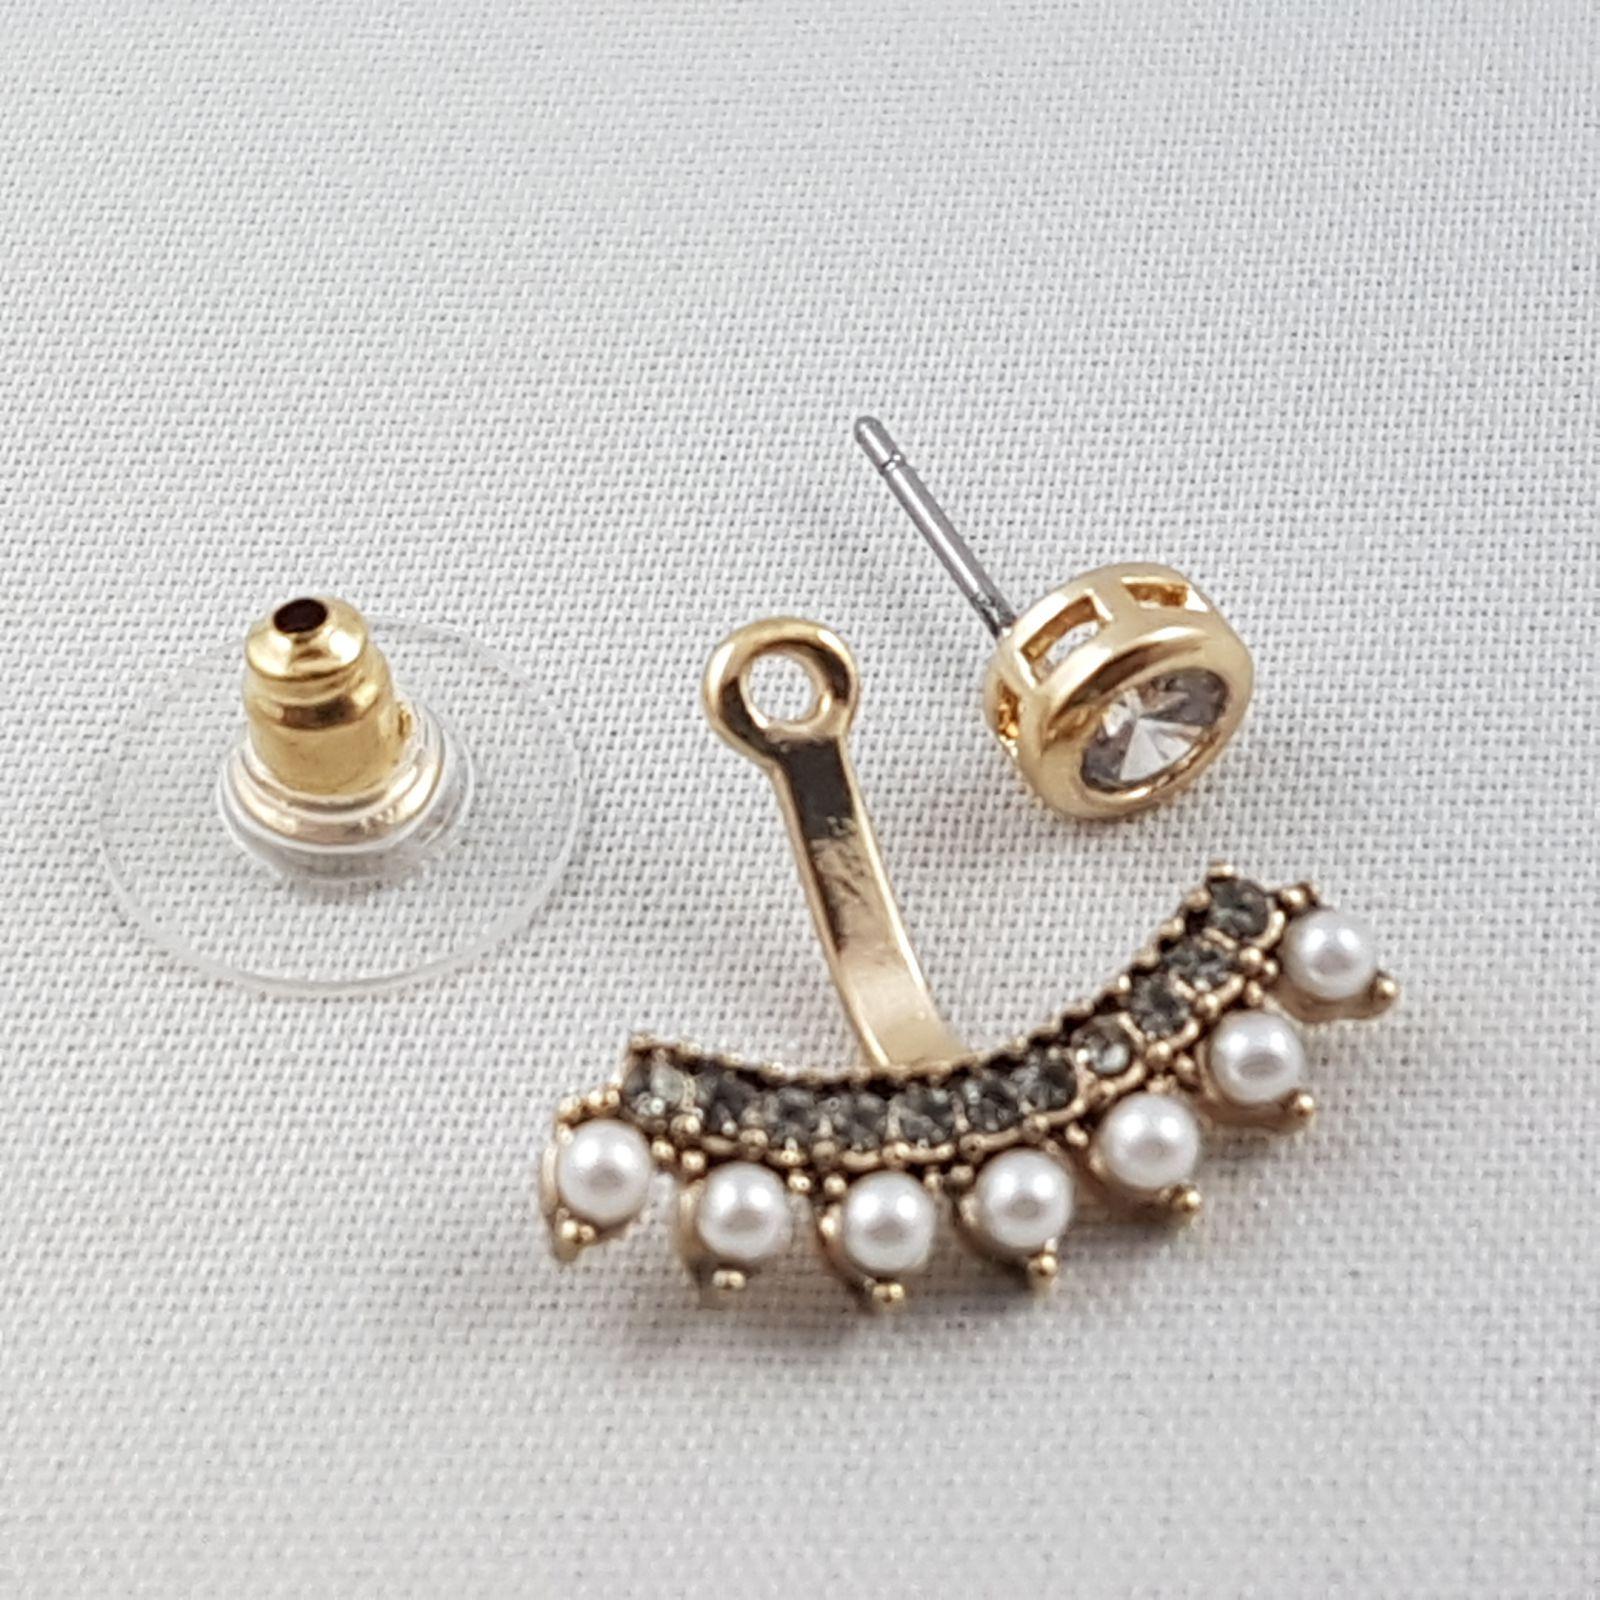 e22328015 Zlaté náušnice s kamínky a perličkami GIIL